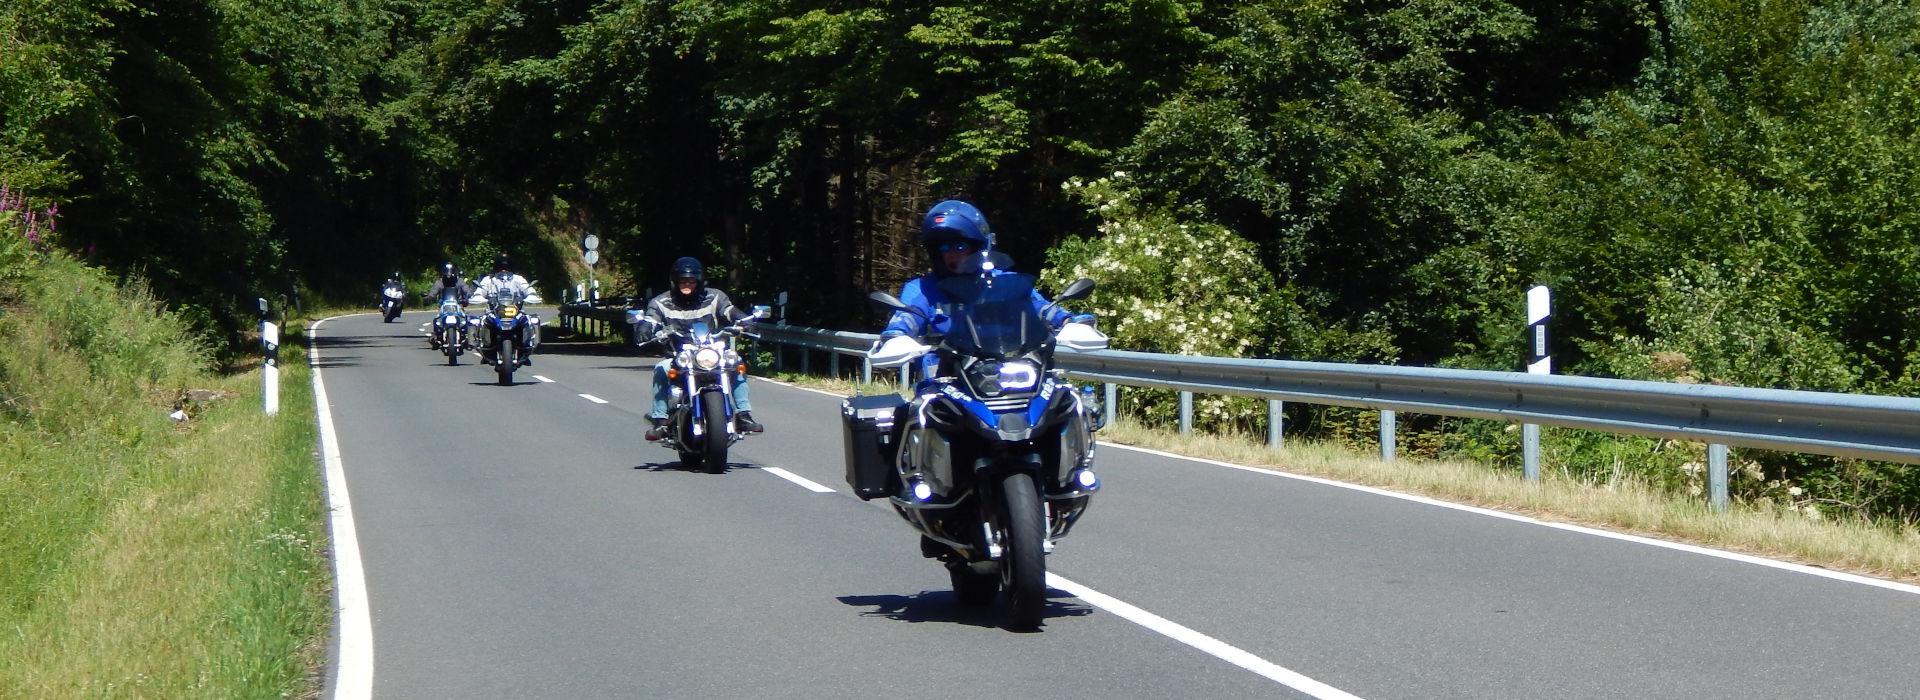 Motorrijbewijspoint Bodegraven motorrijlessen